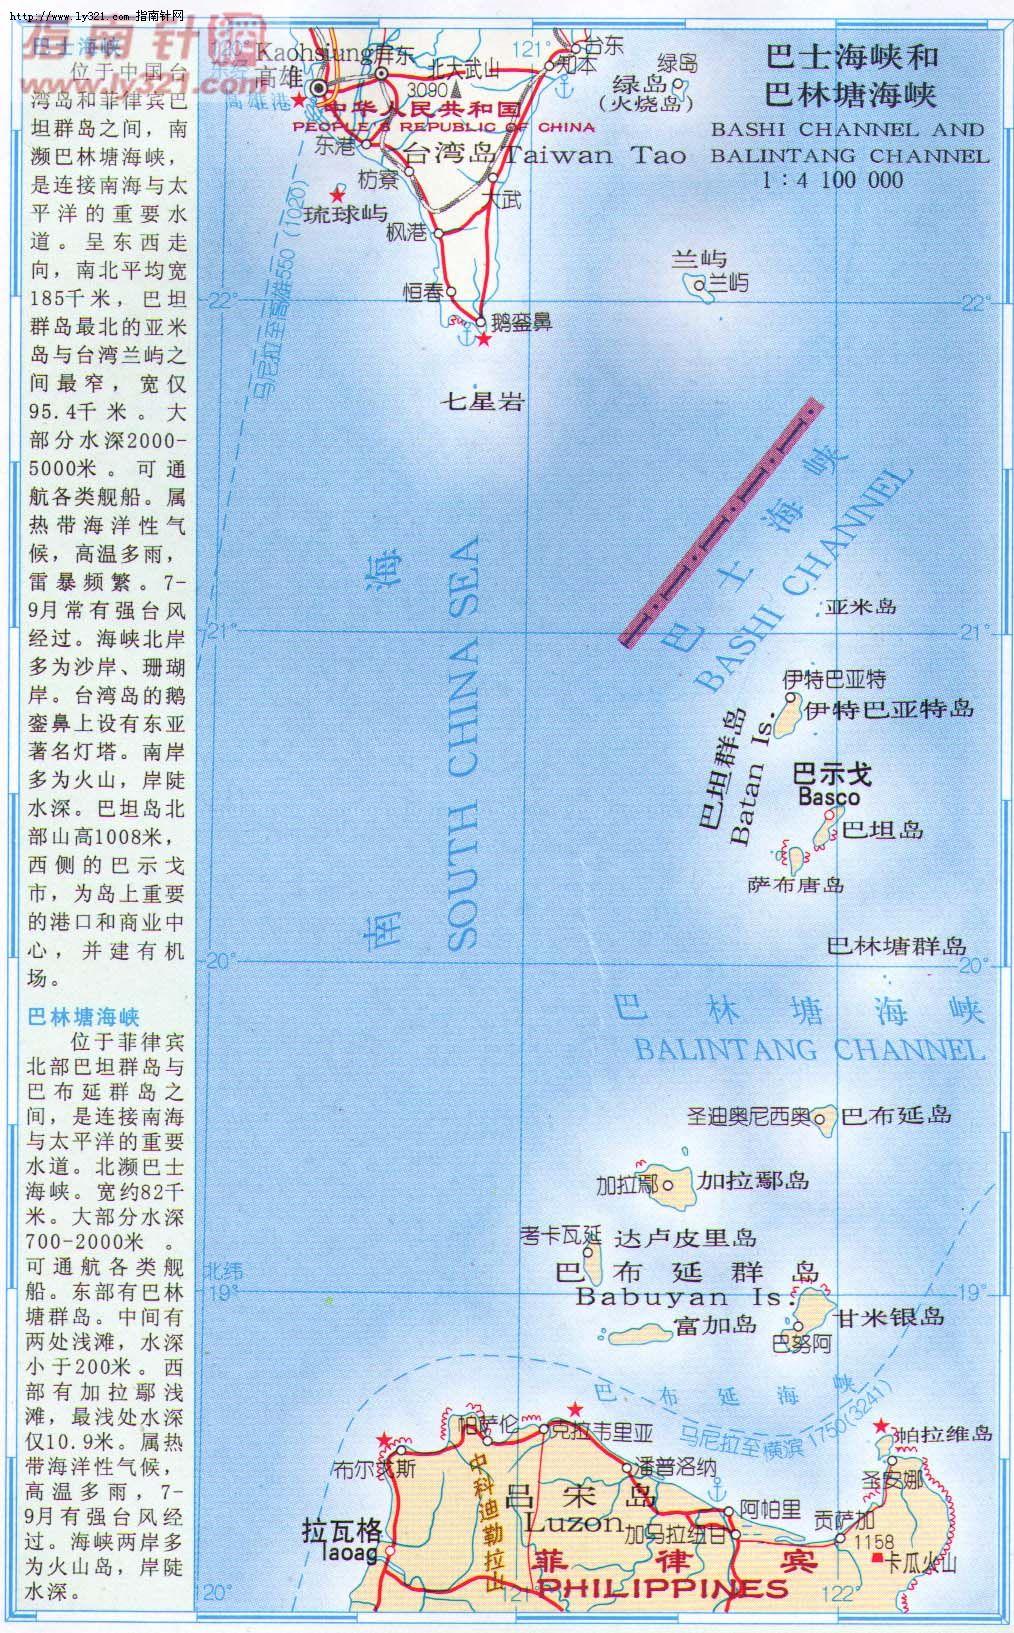 巴林塘海峡地图